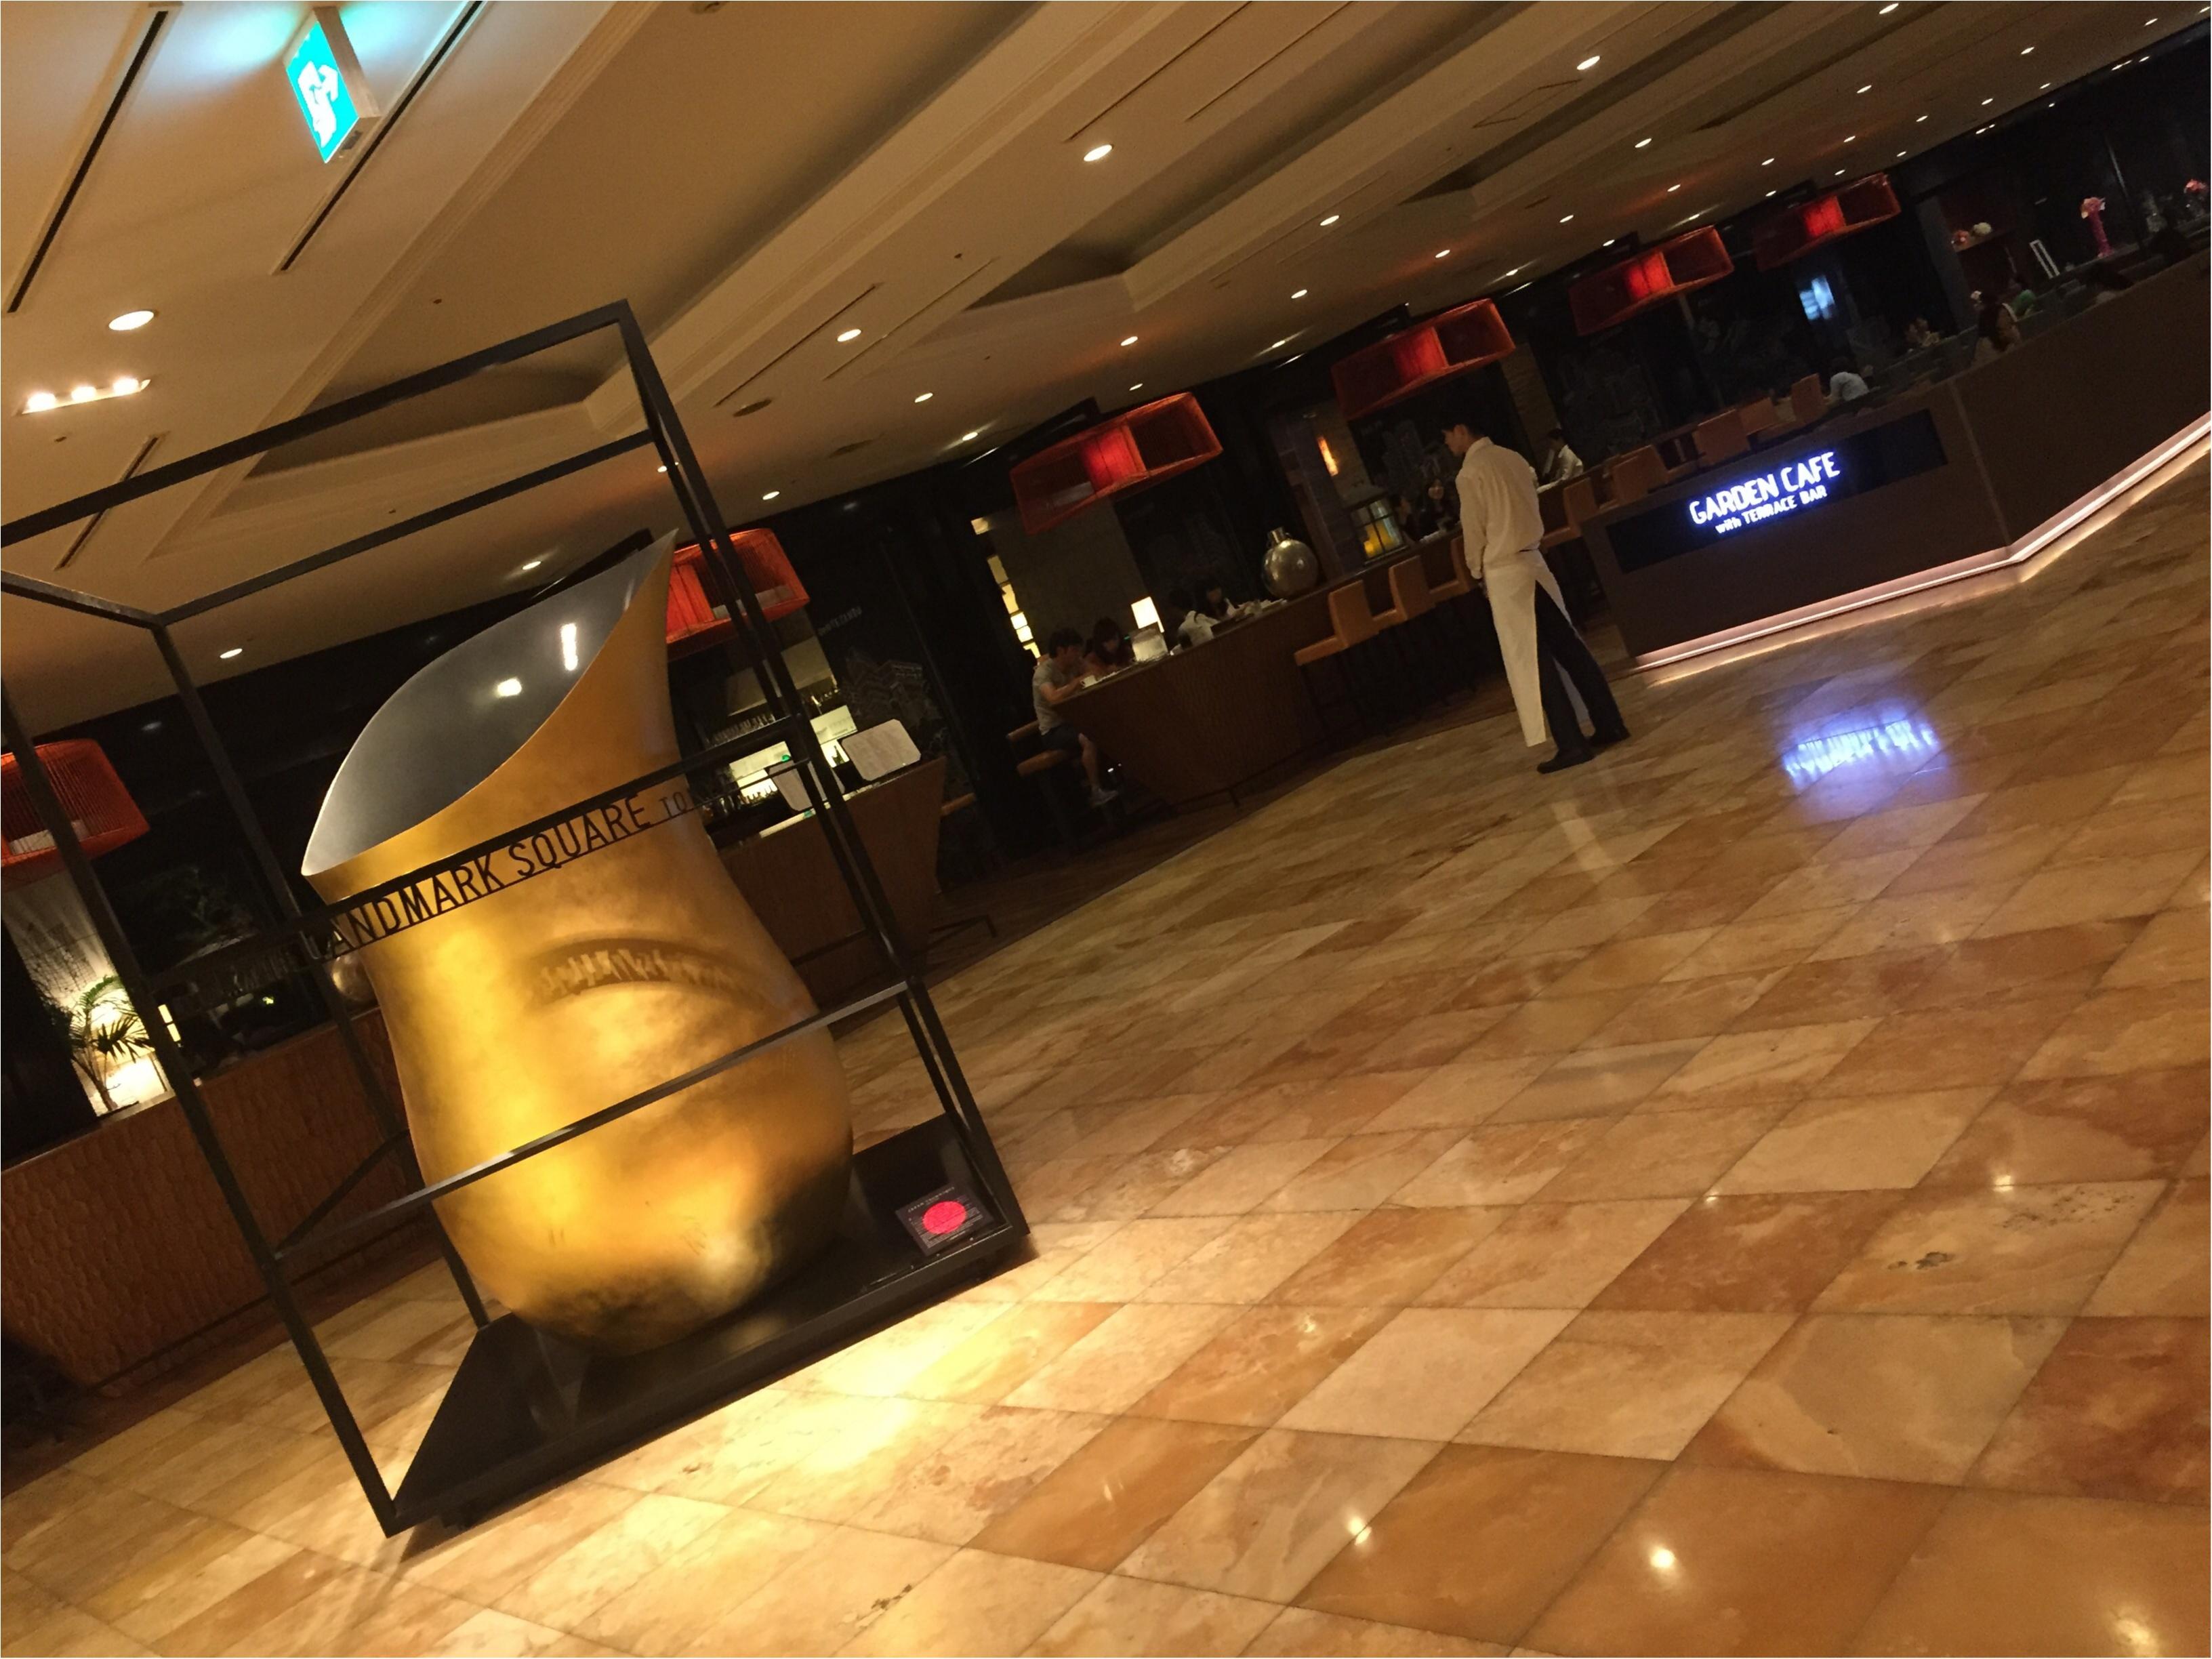 料理も最高♡1ランク上のビアガーデンで優雅なひとときを過ごすなら✨バースデーサプライズにもお薦め♪【THE LANDMARK SQUARE TOKYO】_2